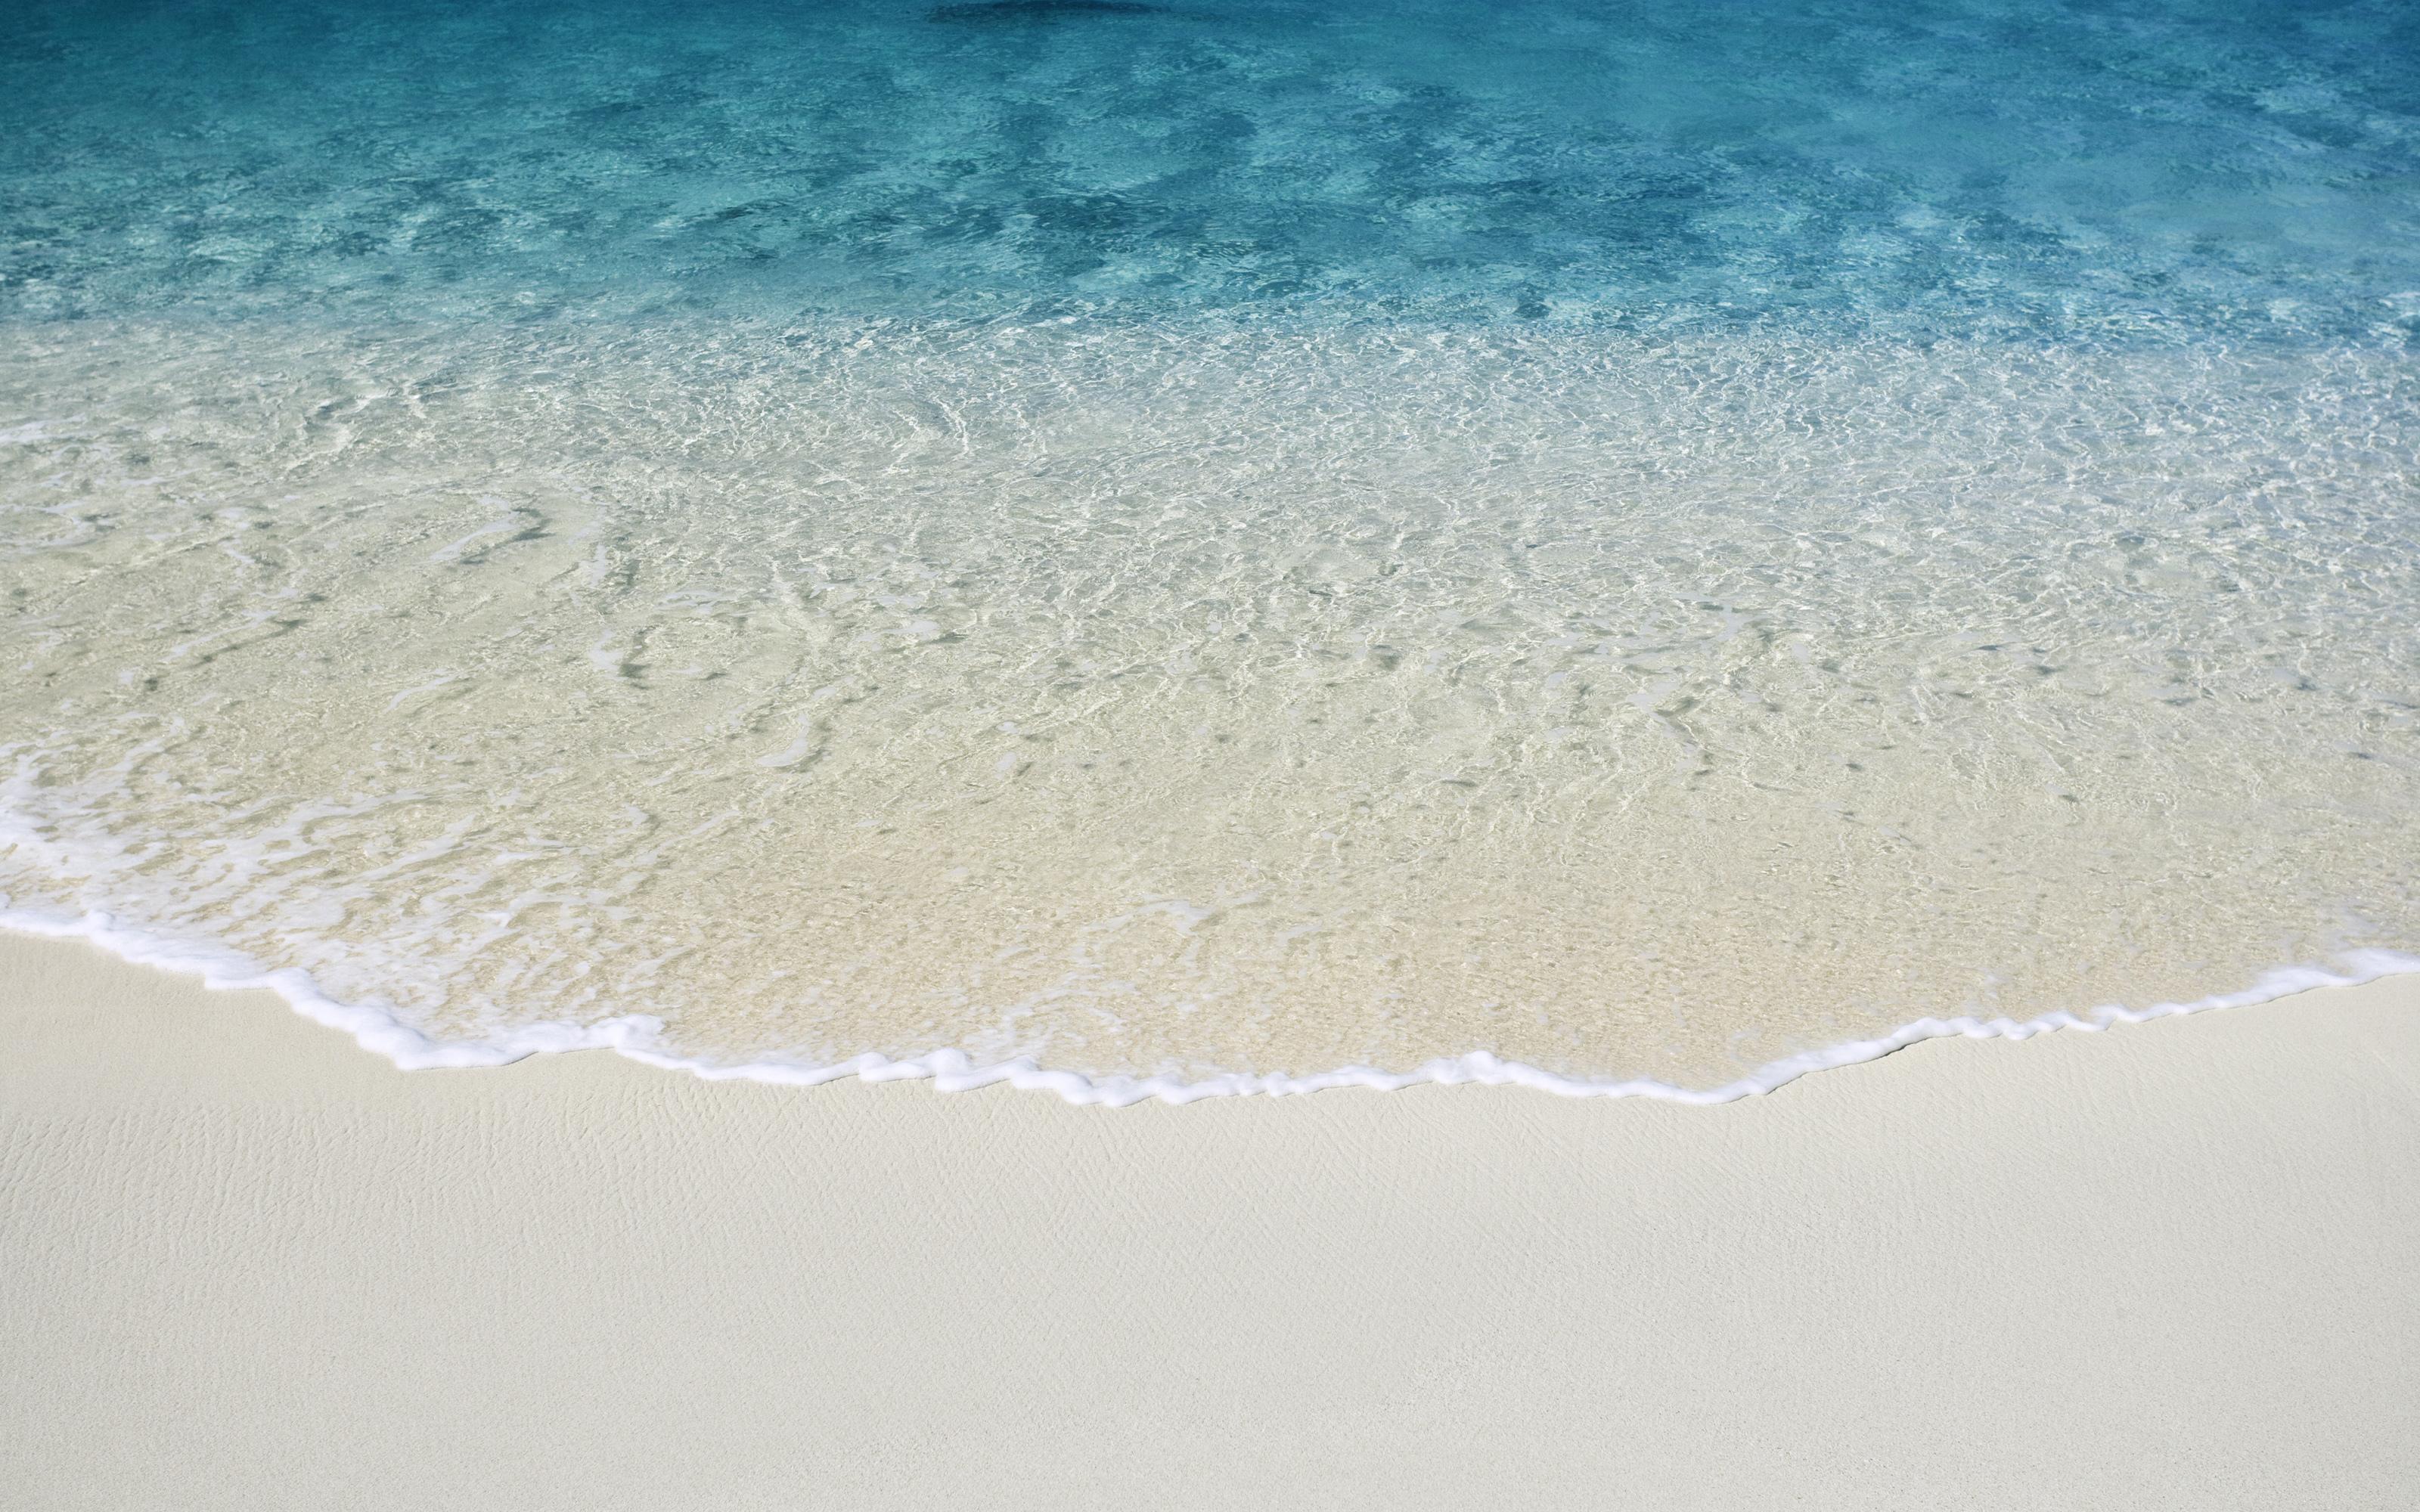 16456壁紙のダウンロード水, 背景, 海, ビーチ-スクリーンセーバーと写真を無料で